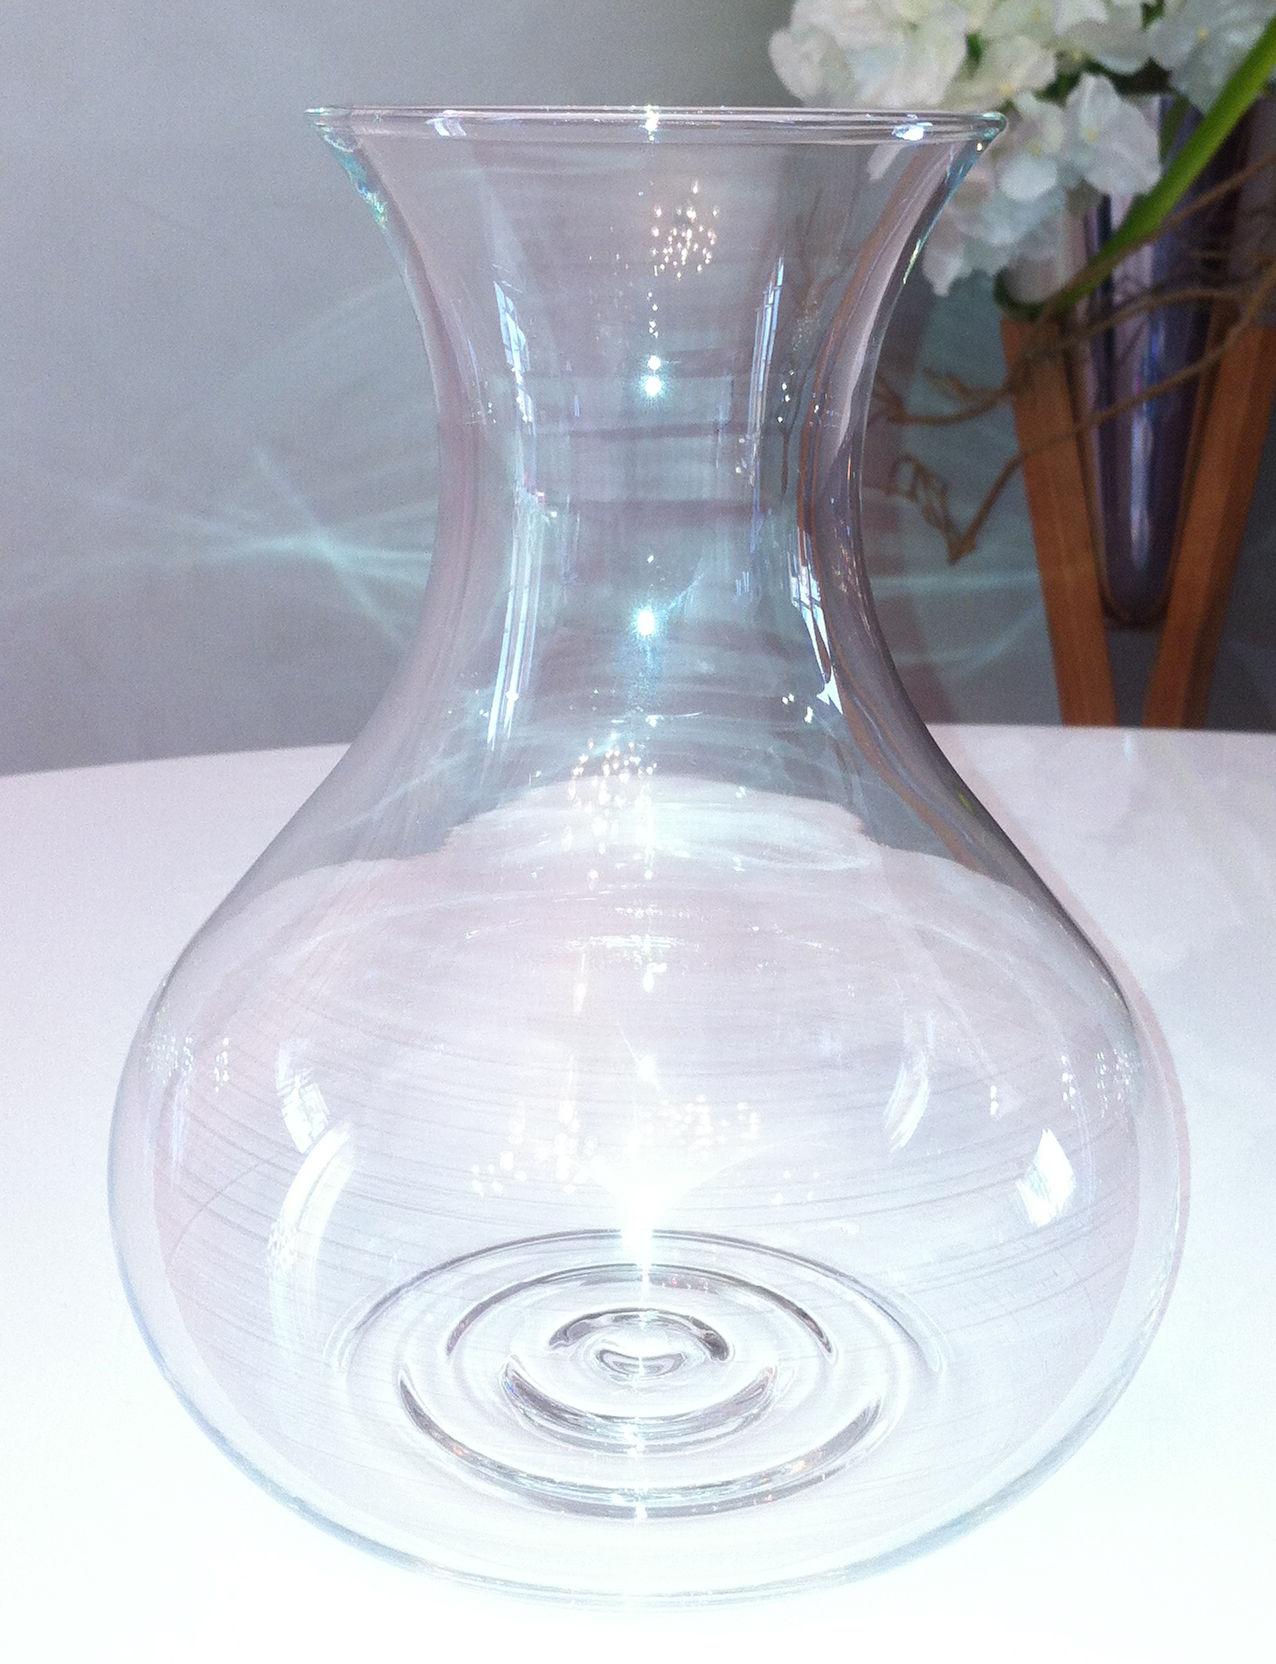 Tableware - Tea & Coffee Accessories - Glasswork - Spare glass part for 1L Eva Solo Tea maker by Eva Solo - Spare glass part - Transparent - Glass